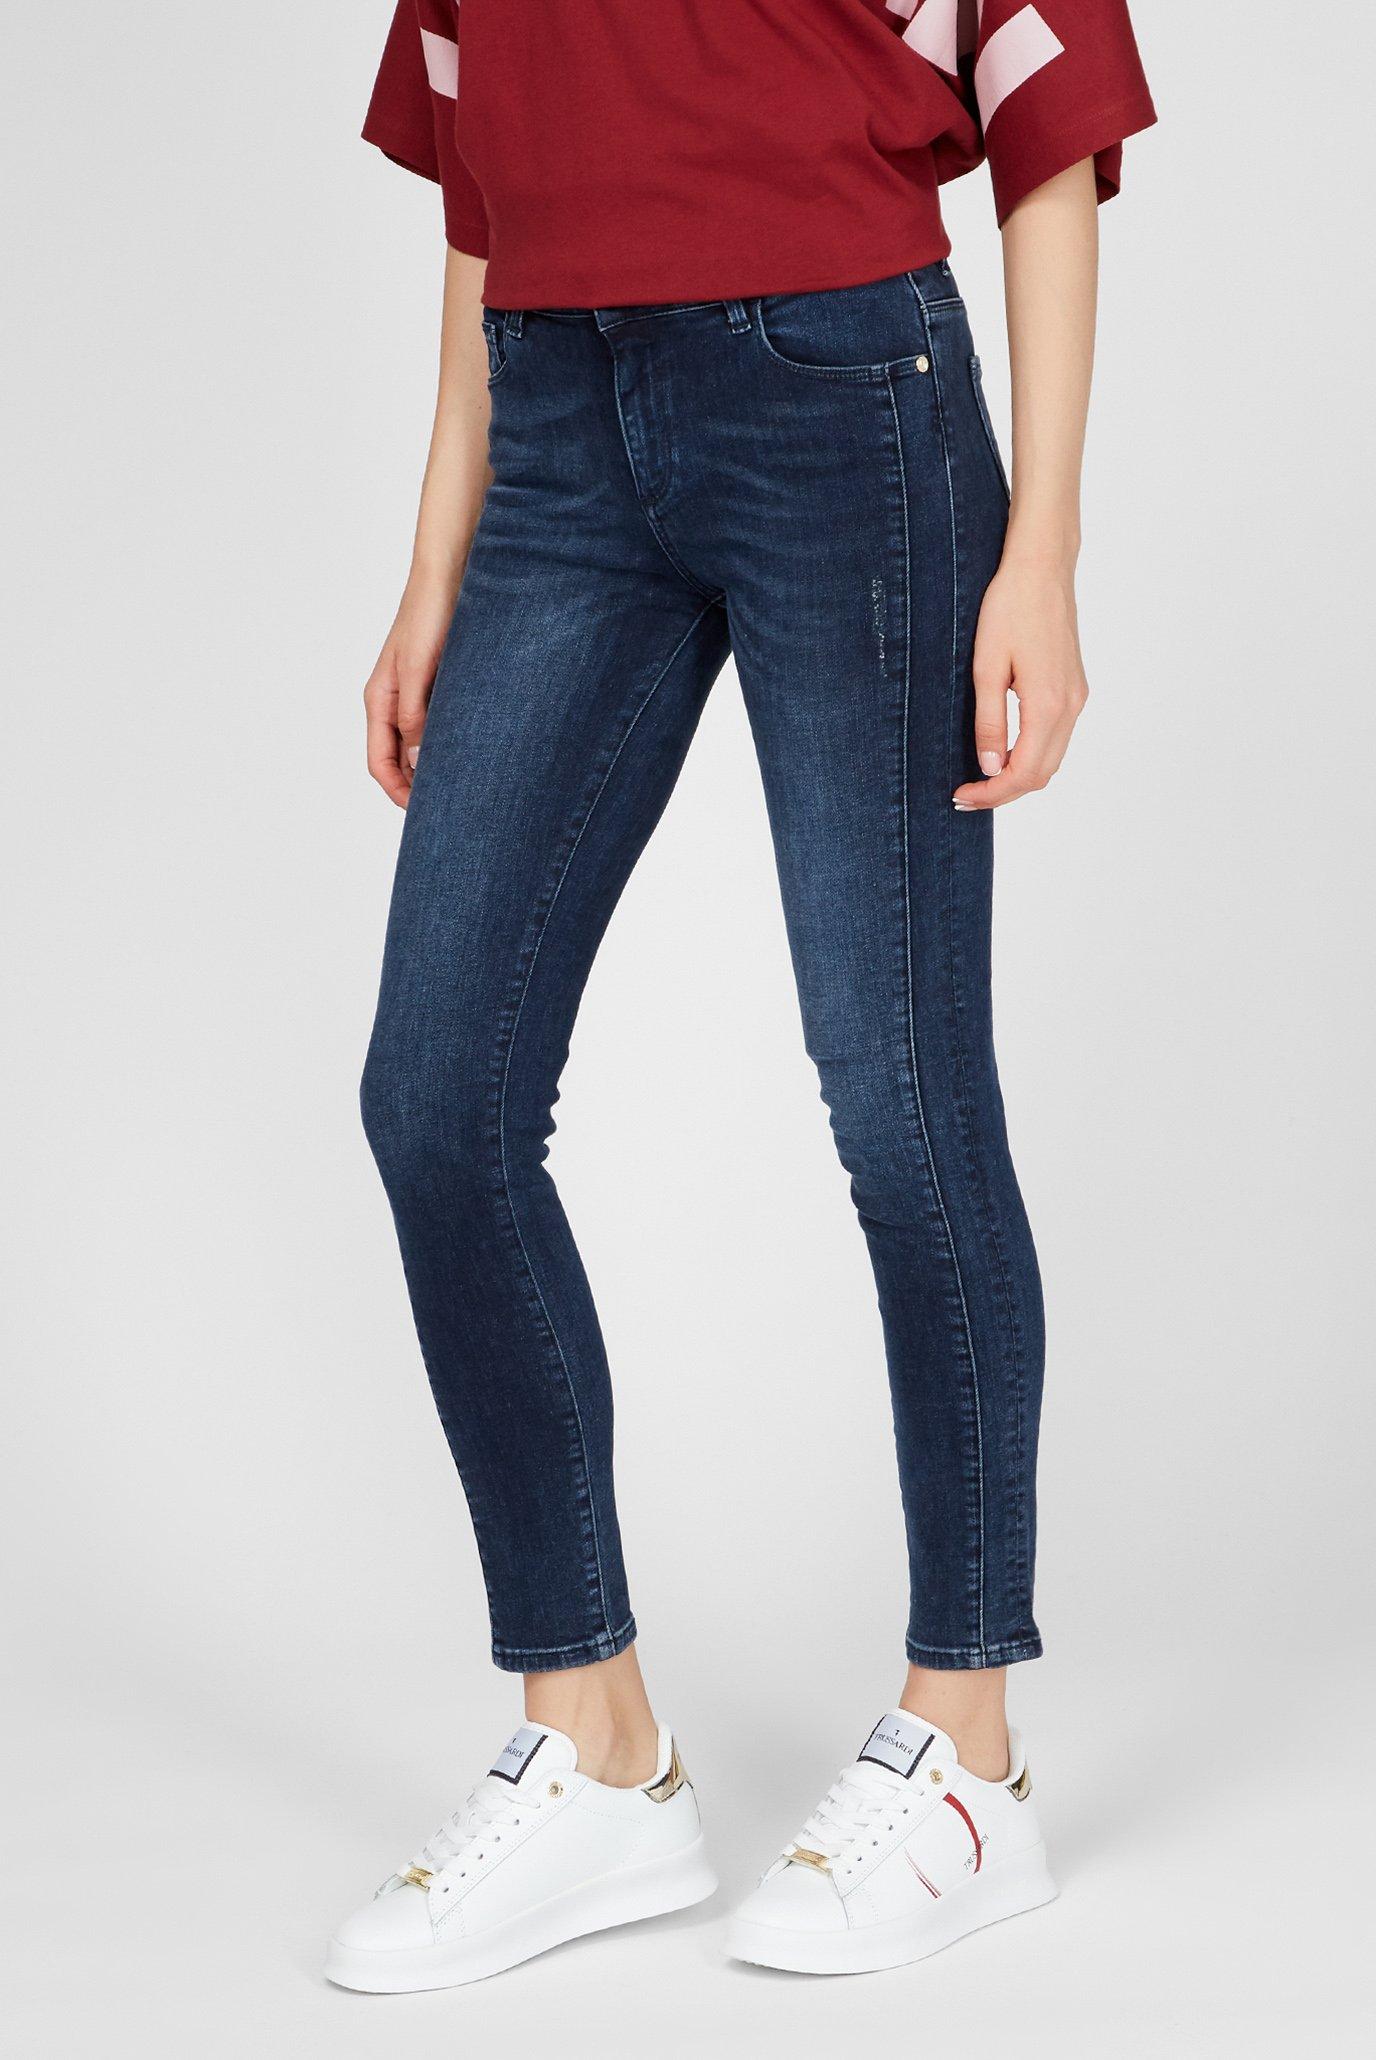 Женские синие джинсы 206 Skinny Trussardi Jeans